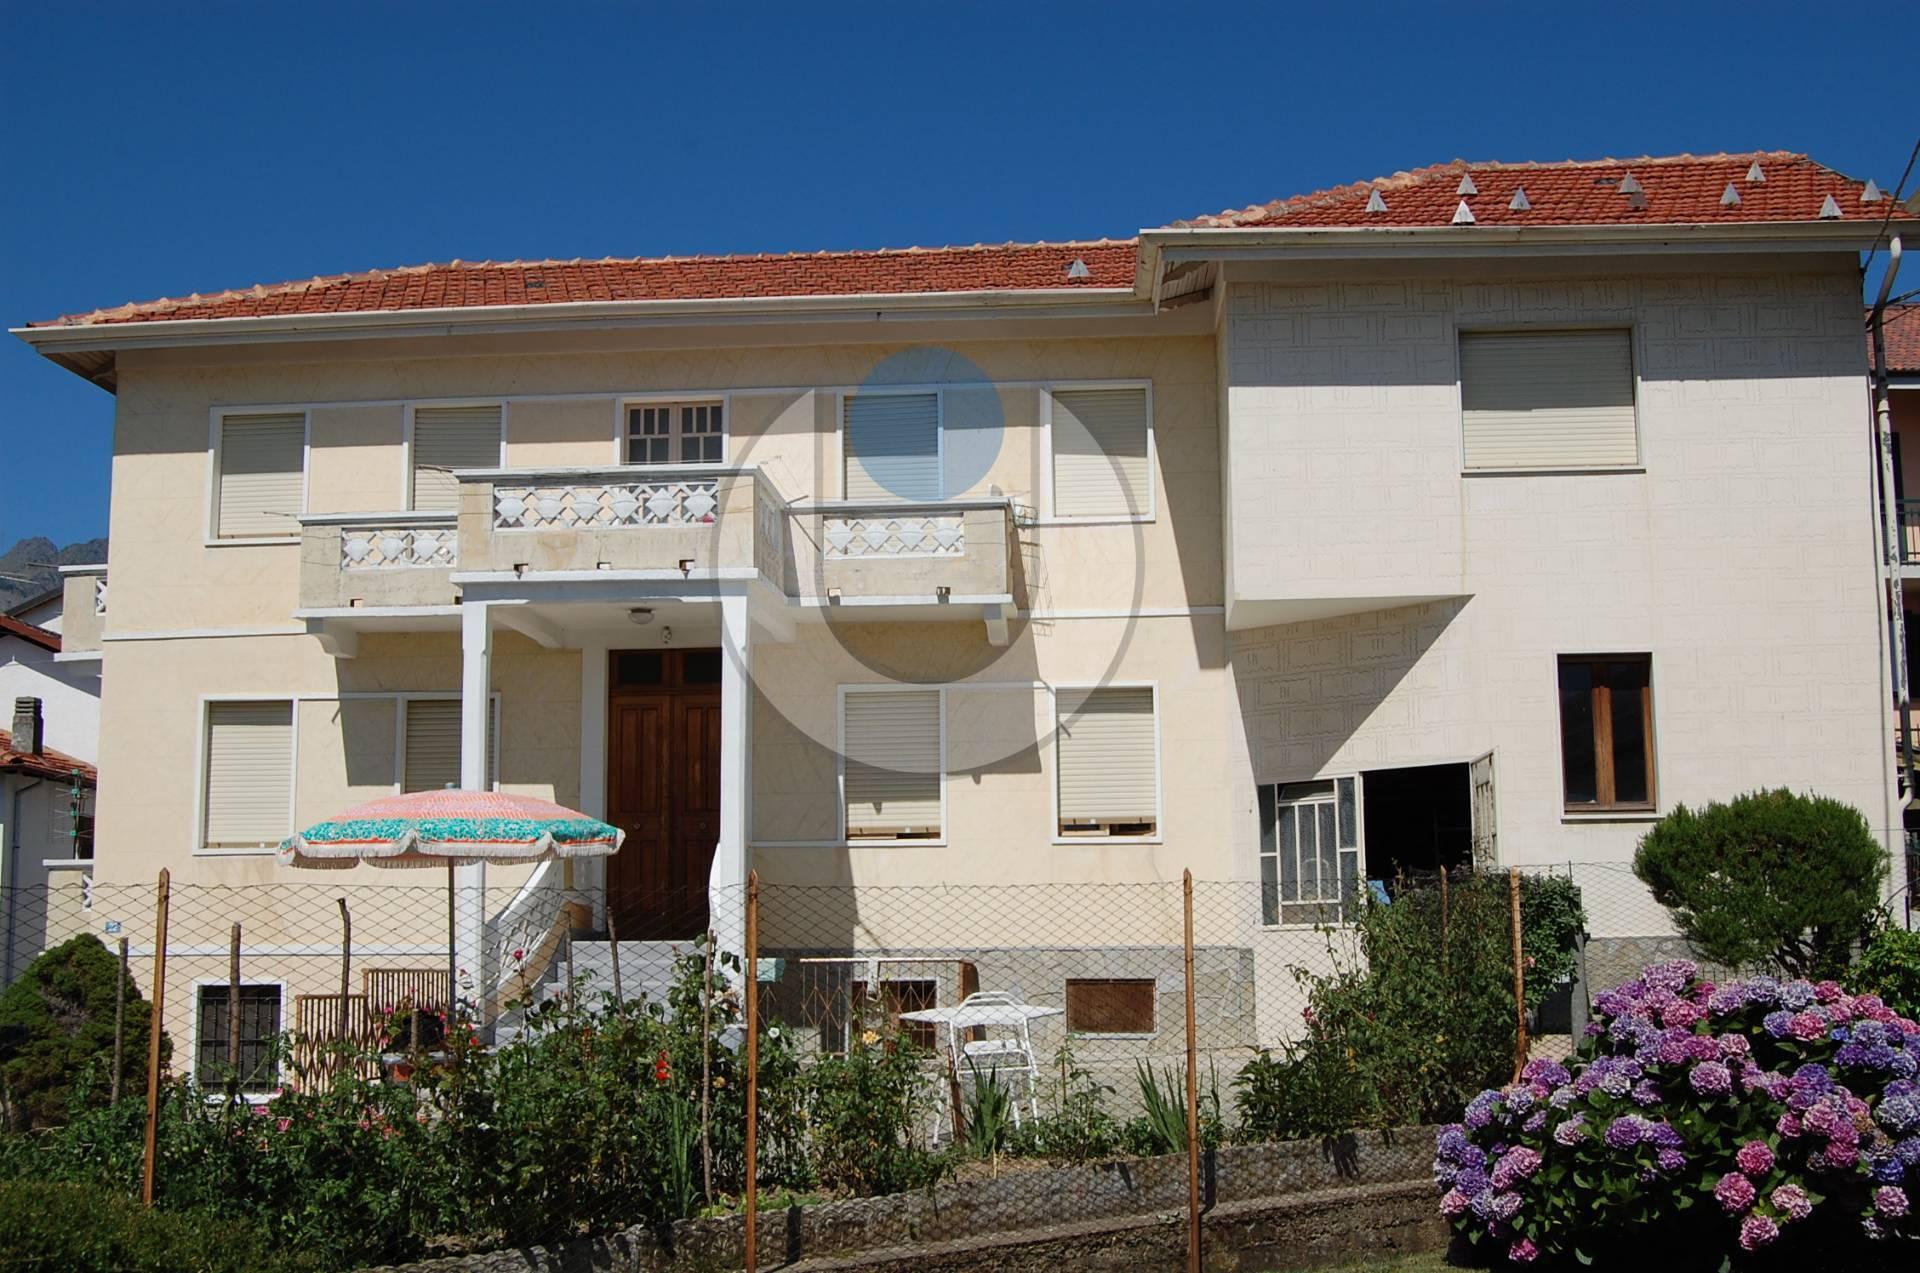 Soluzione Indipendente in vendita a Coazze, 8 locali, zona Località: Semicentro, prezzo € 75.000 | PortaleAgenzieImmobiliari.it